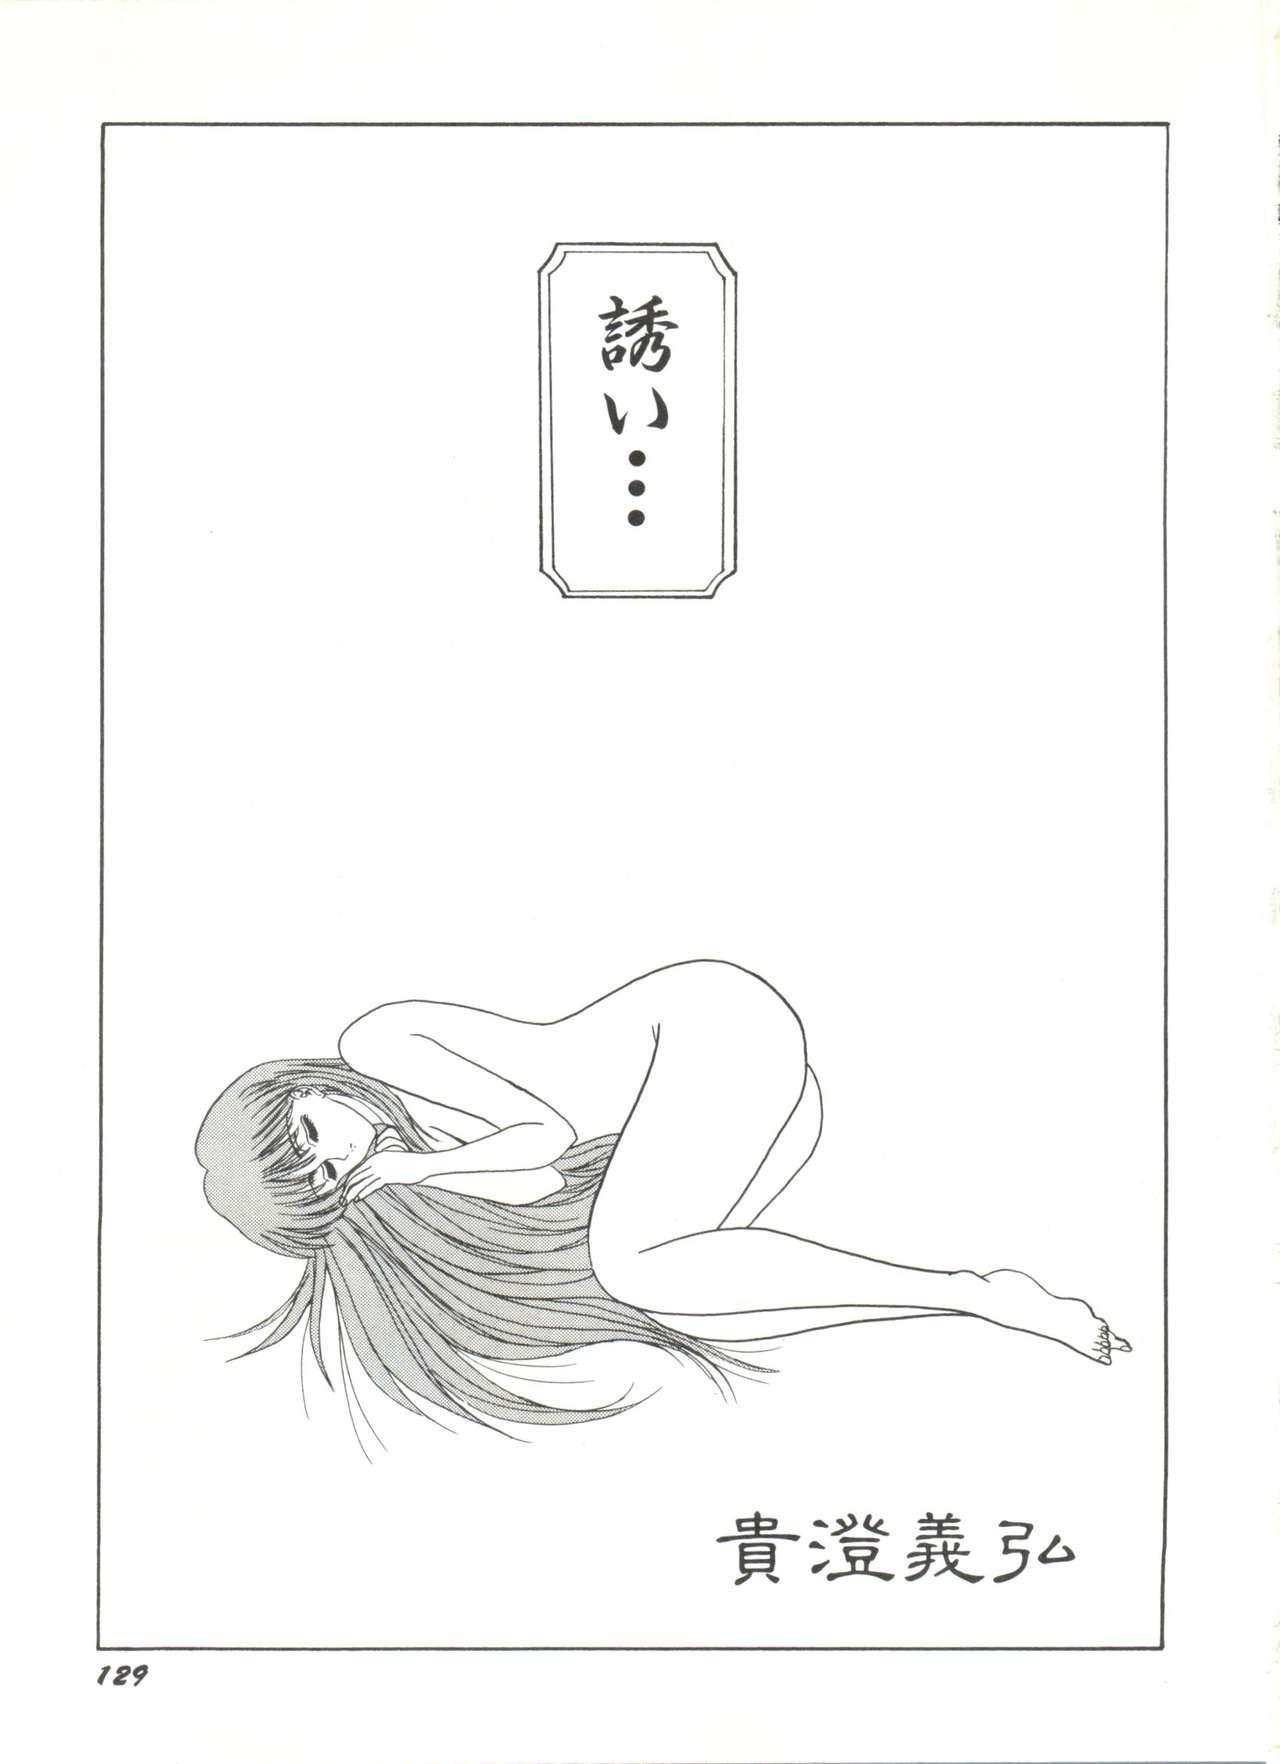 Bishoujo Doujinshi Anthology 6 132